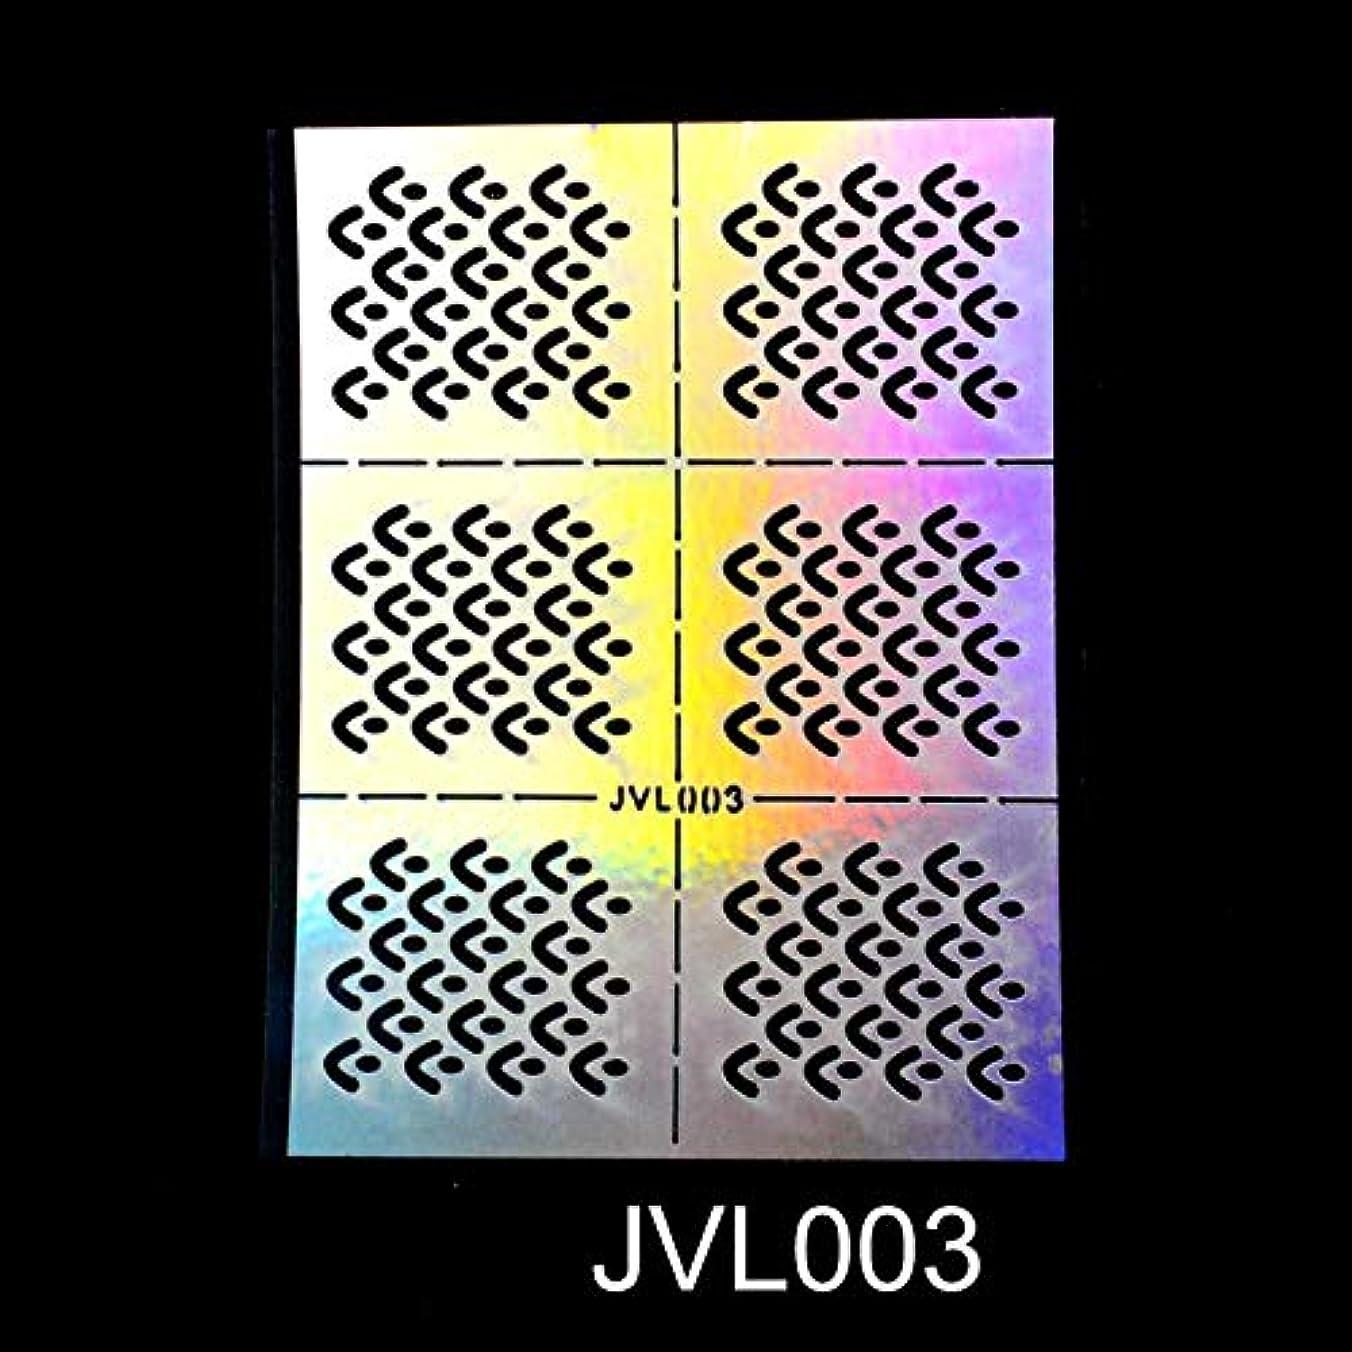 予定スイッチ輸送SUKTI&XIAO ネイルステッカー 1Pc中空アウトネイルアートDIYのヒントガイド転送ステッカーアクセサリーのヒントマニキュアデカール装飾、Jvl003